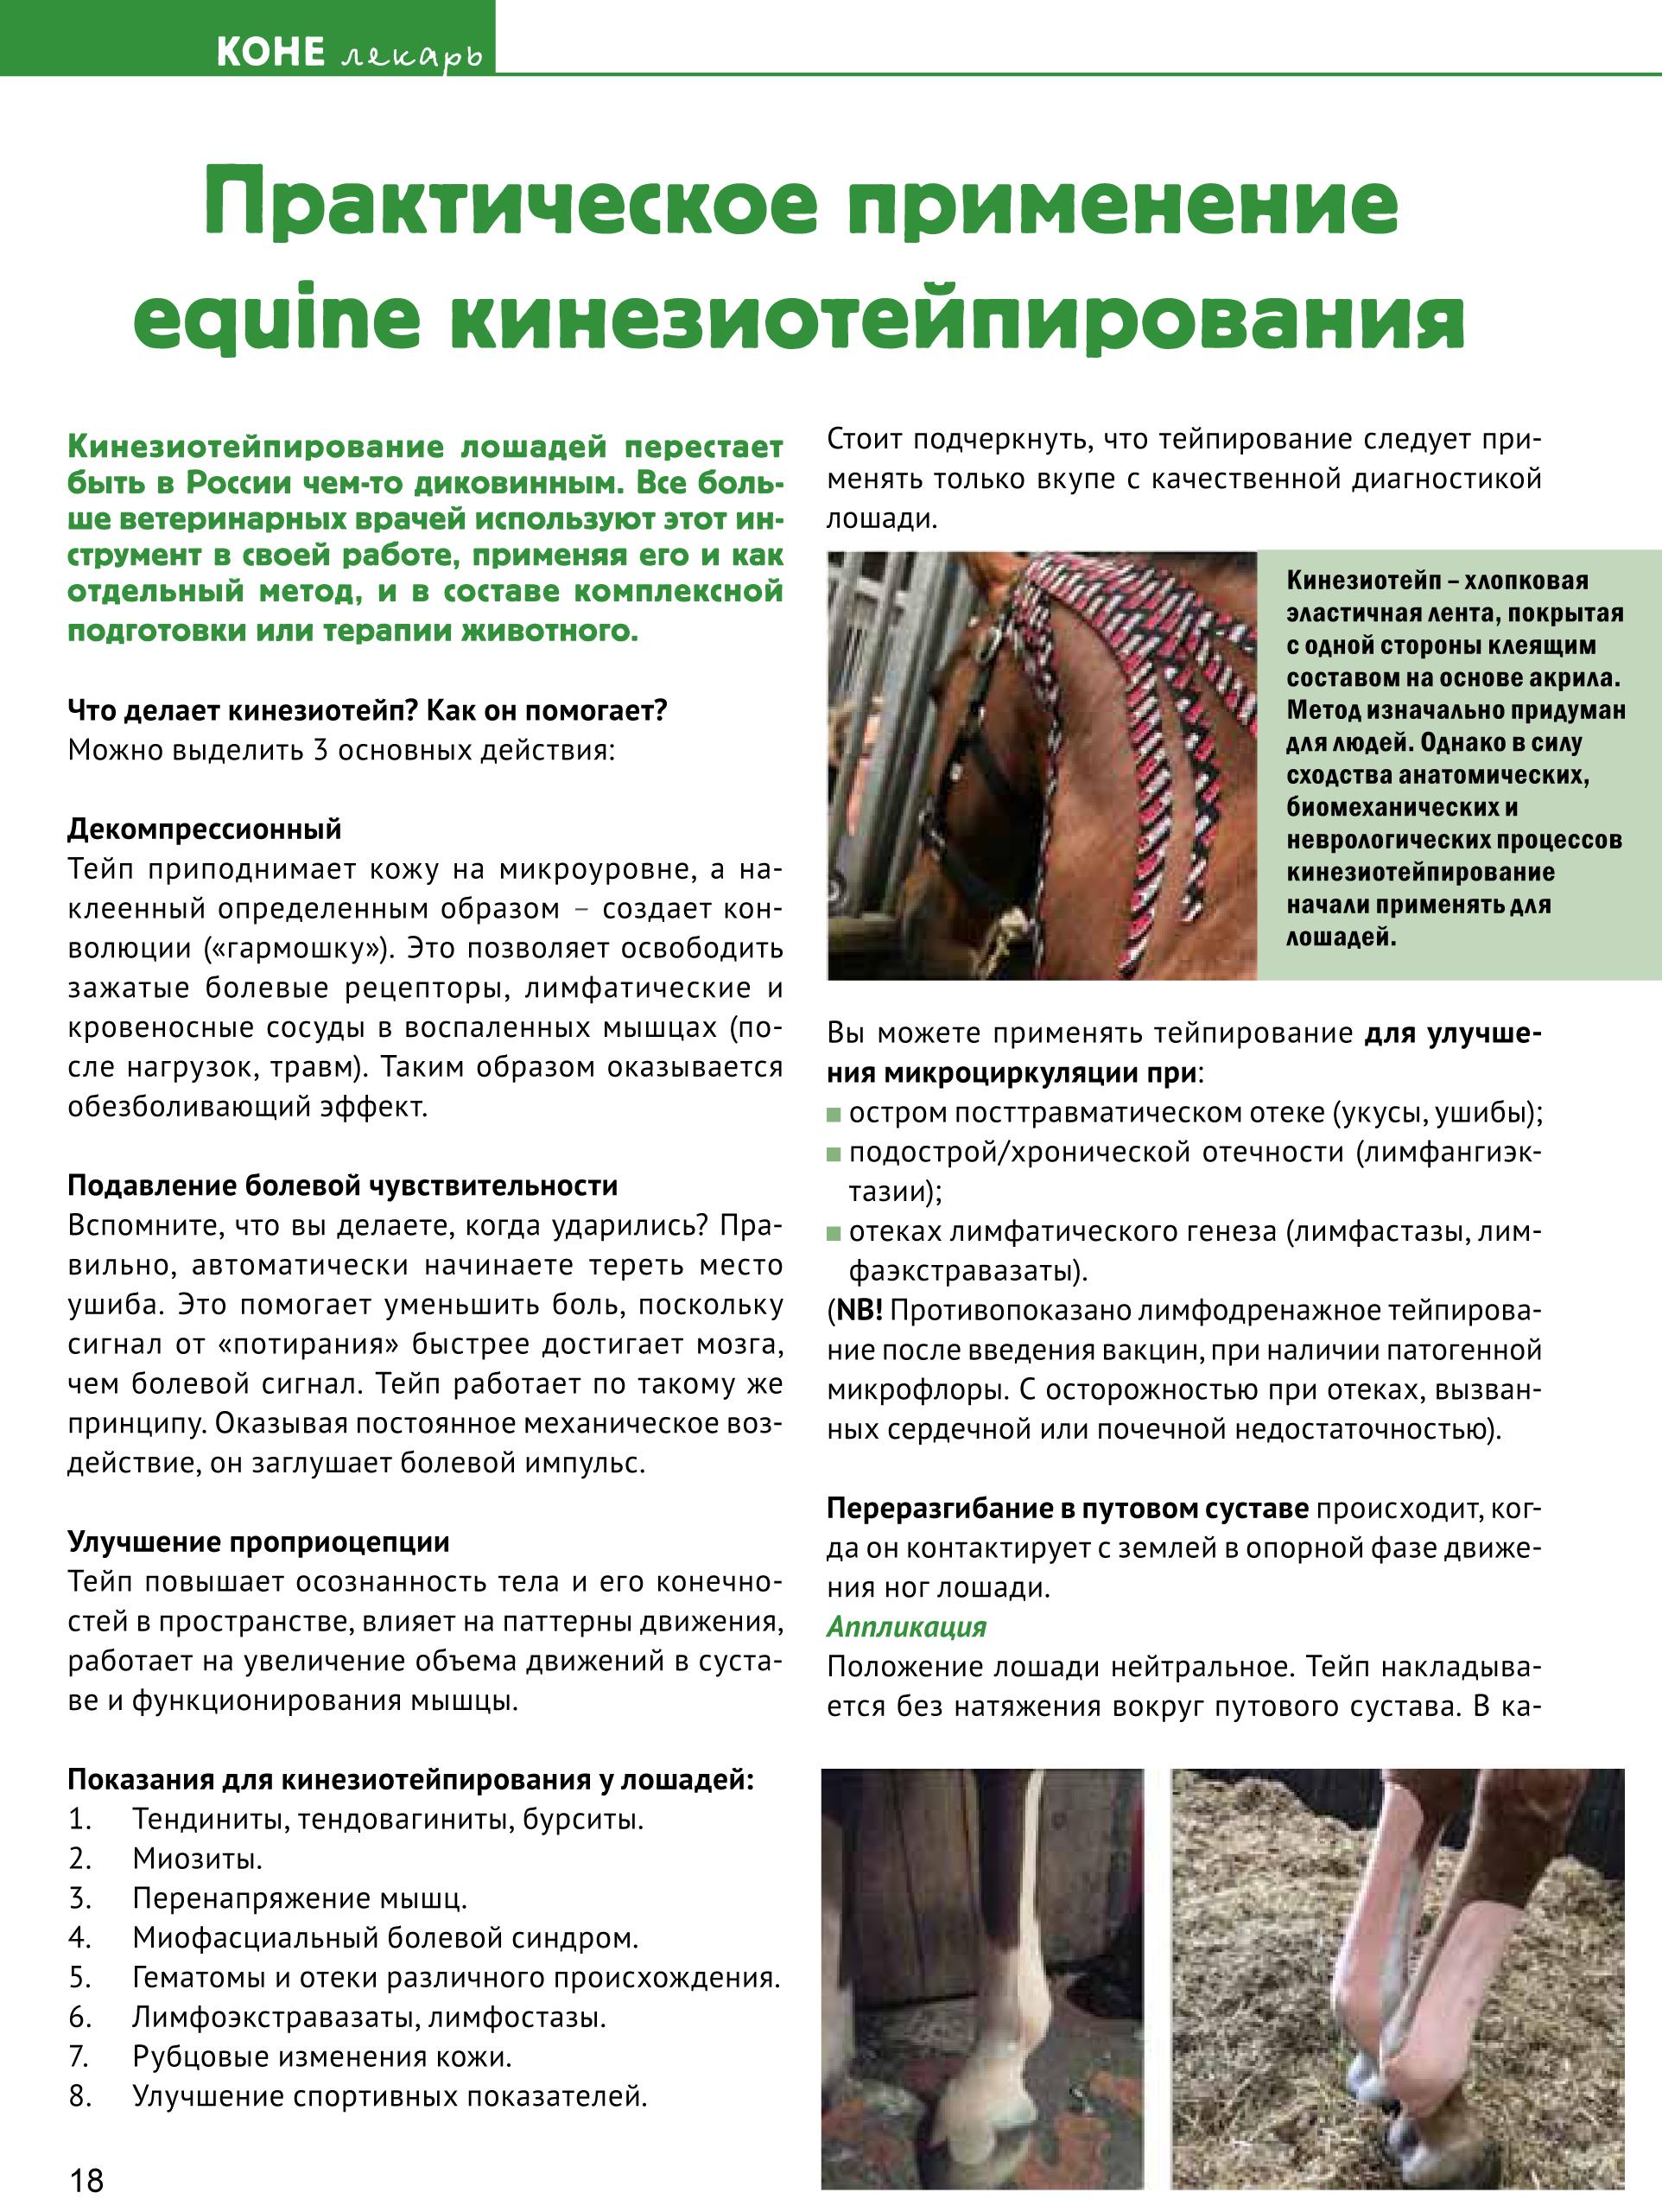 Book КОНЕВОДИТЕЛЬ 4_ proof-18